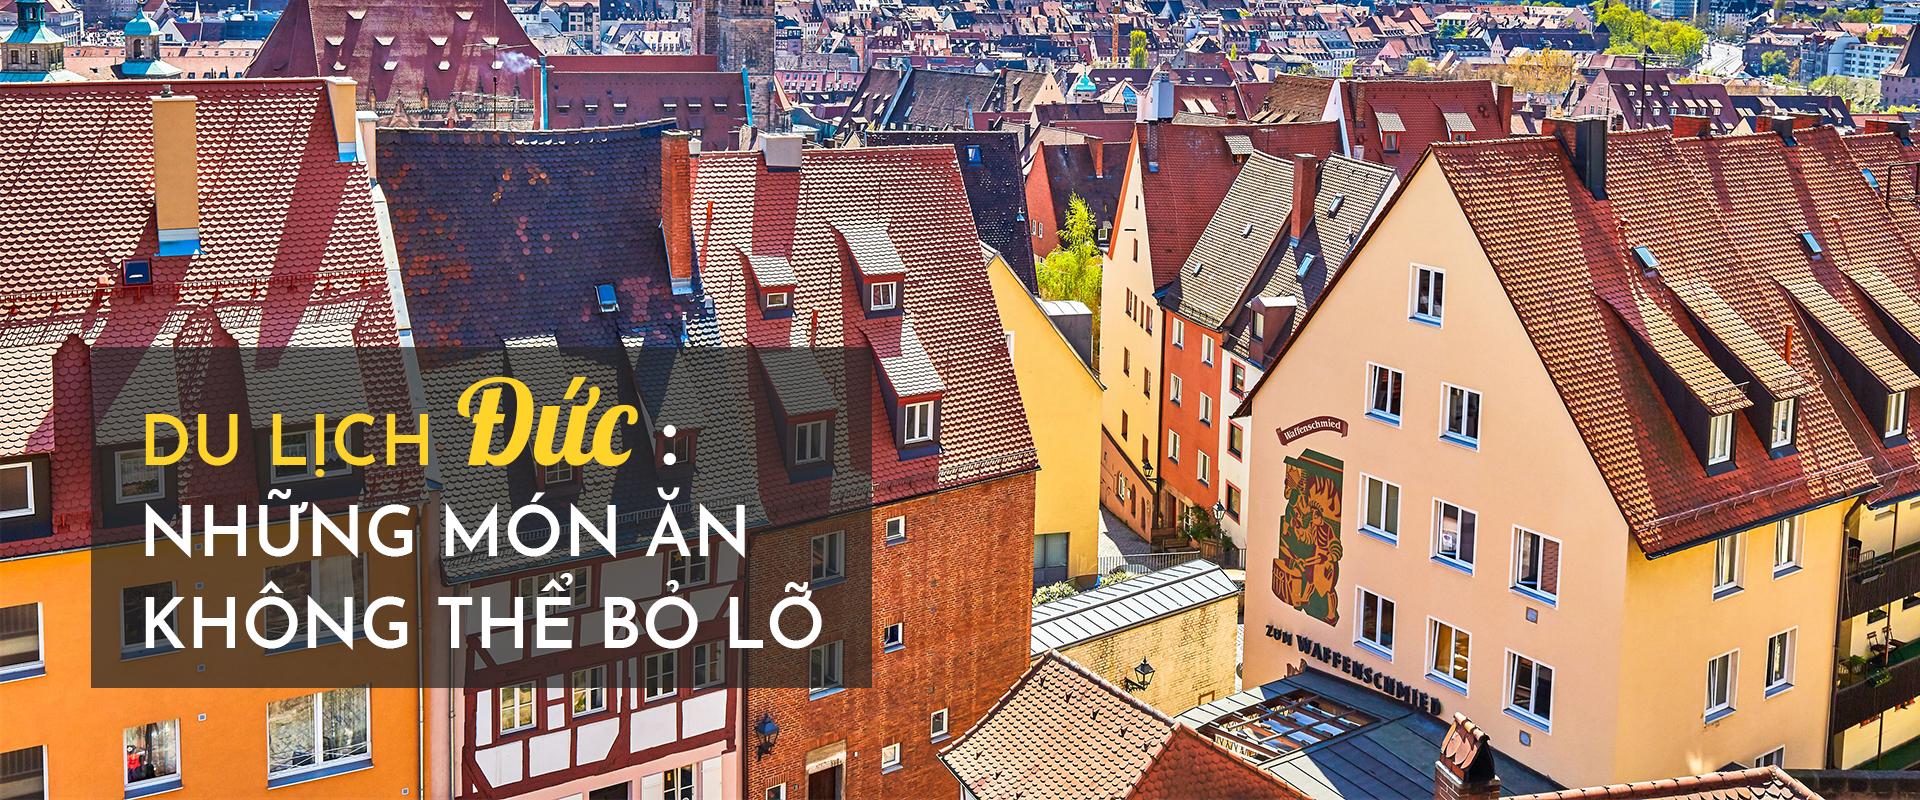 Du lịch Đức: những món ăn không thể bỏ lỡ